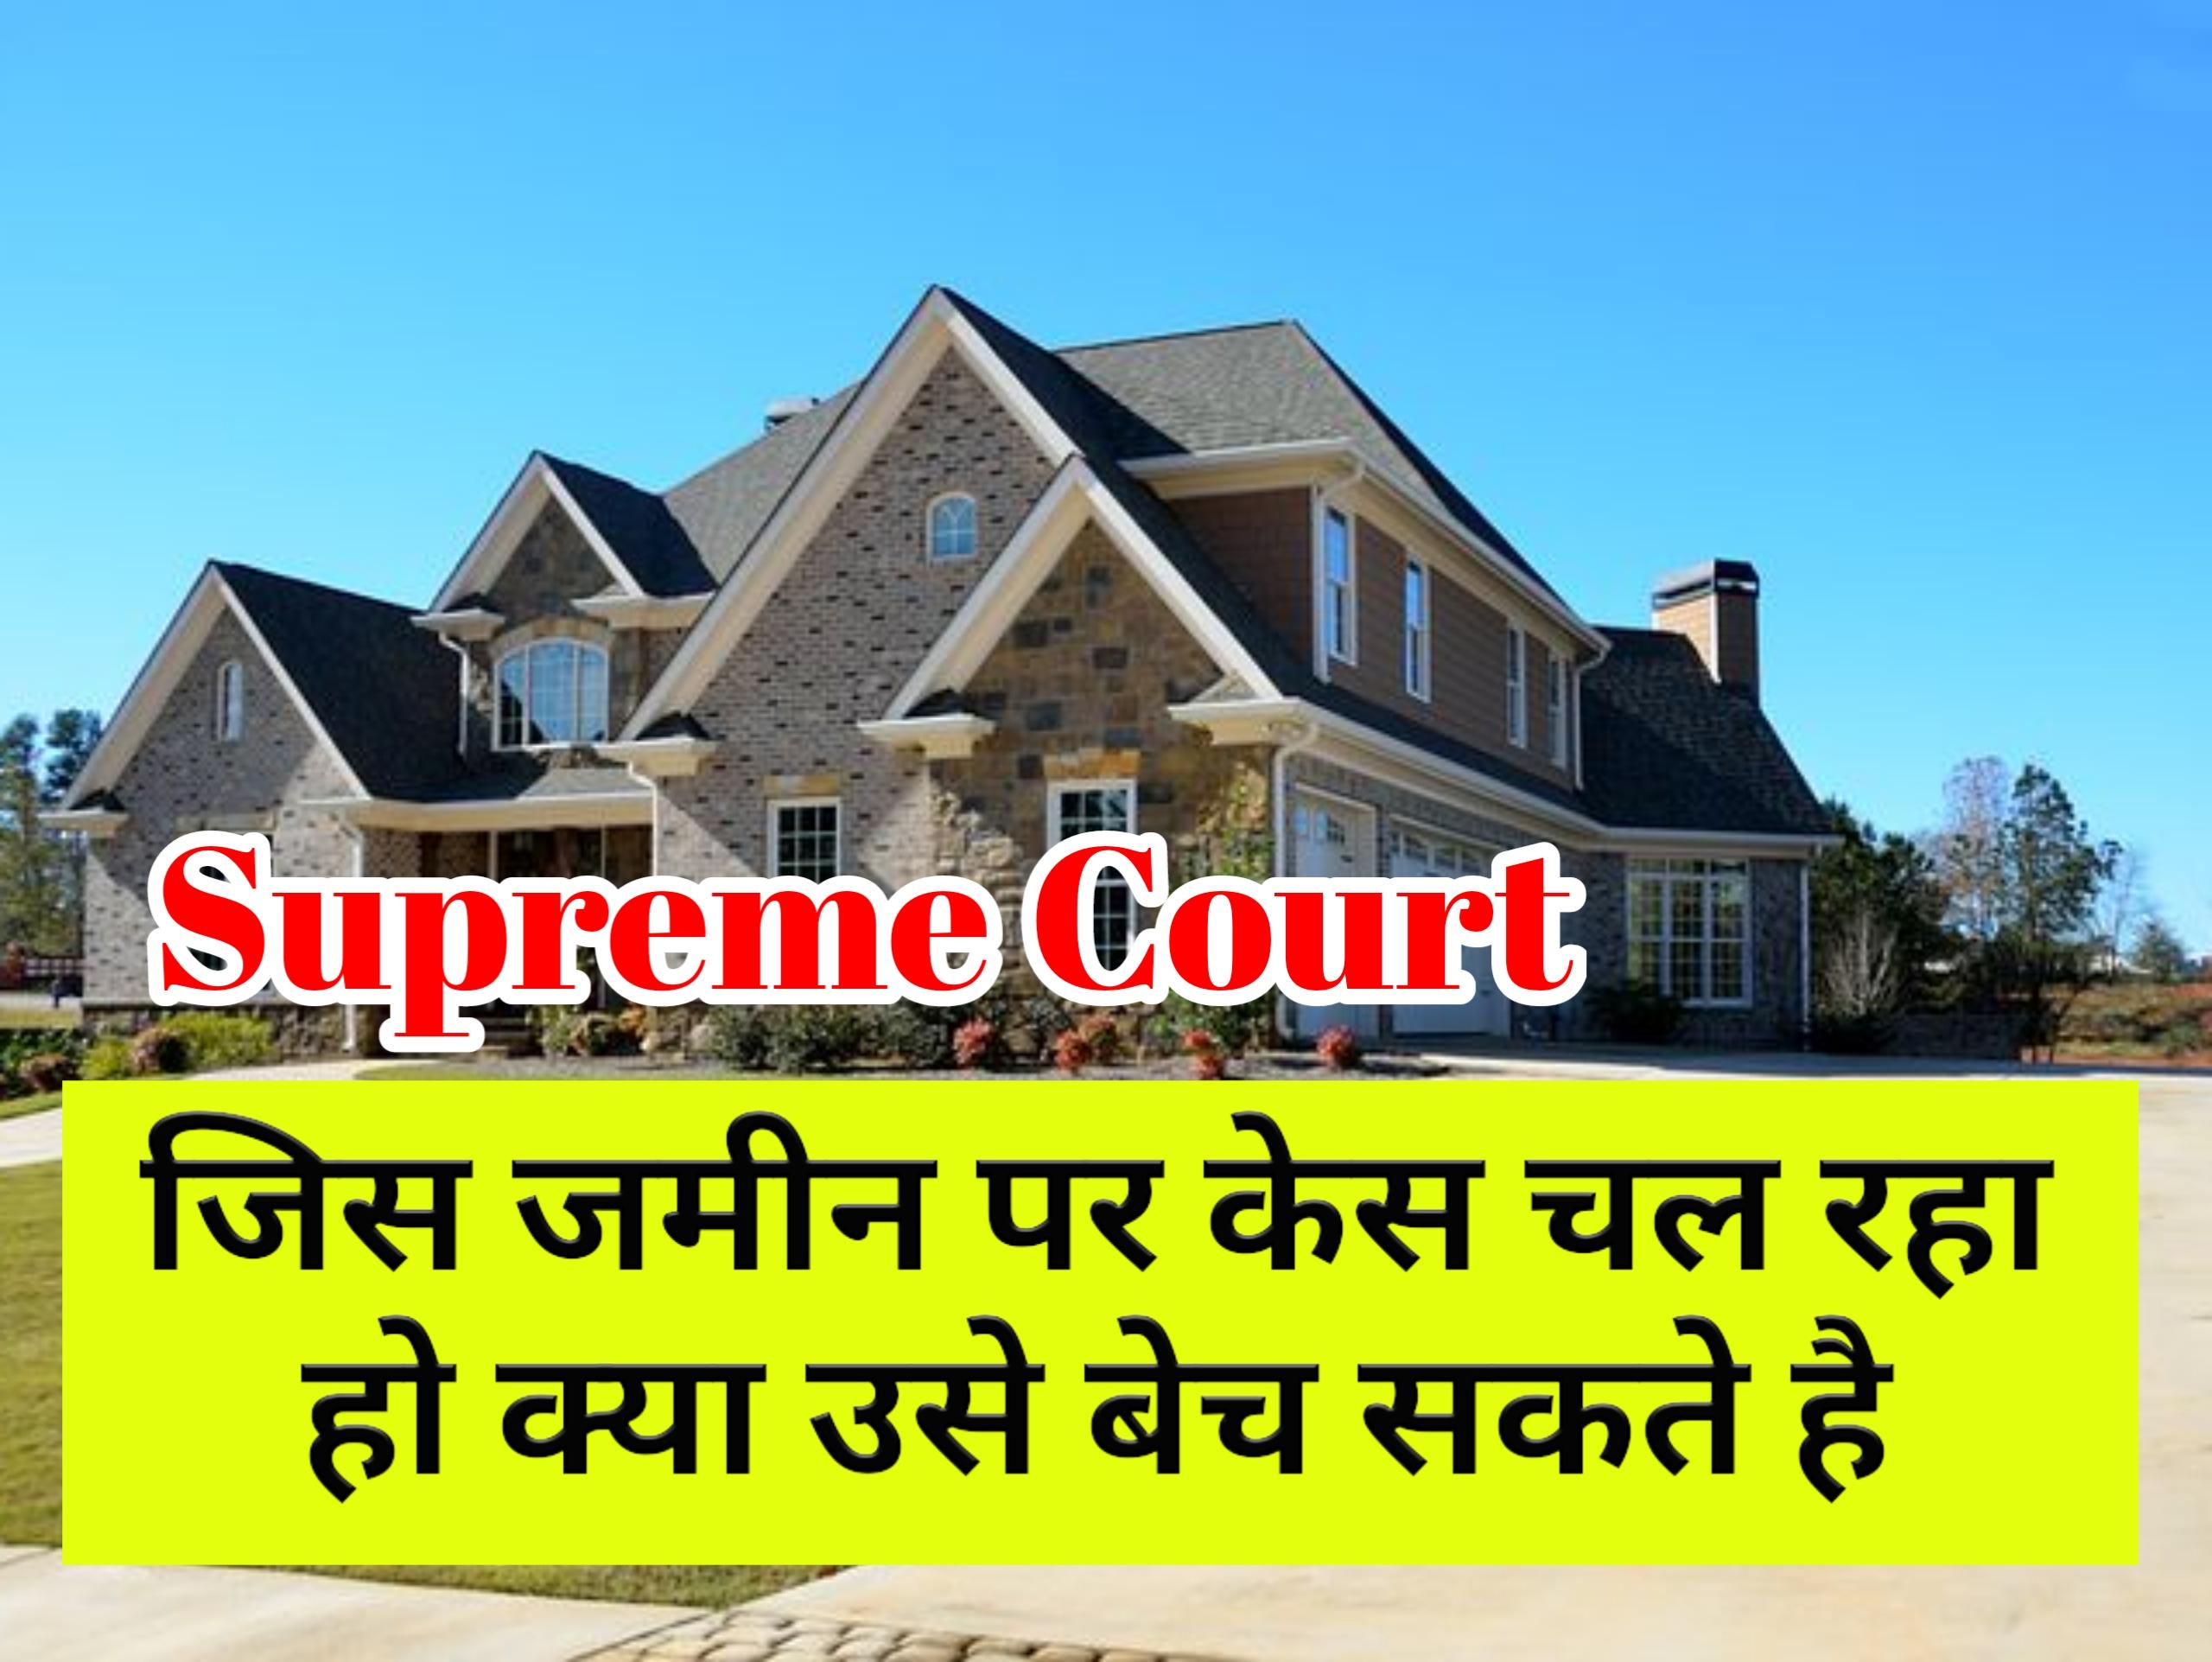 Supreme Court Judgement on Lis Pendens Theory | जिस प्रॉपर्टी का कोर्ट में केस चल रहा हो क्या उसे बेच सकते है- सुप्रीम कोर्ट